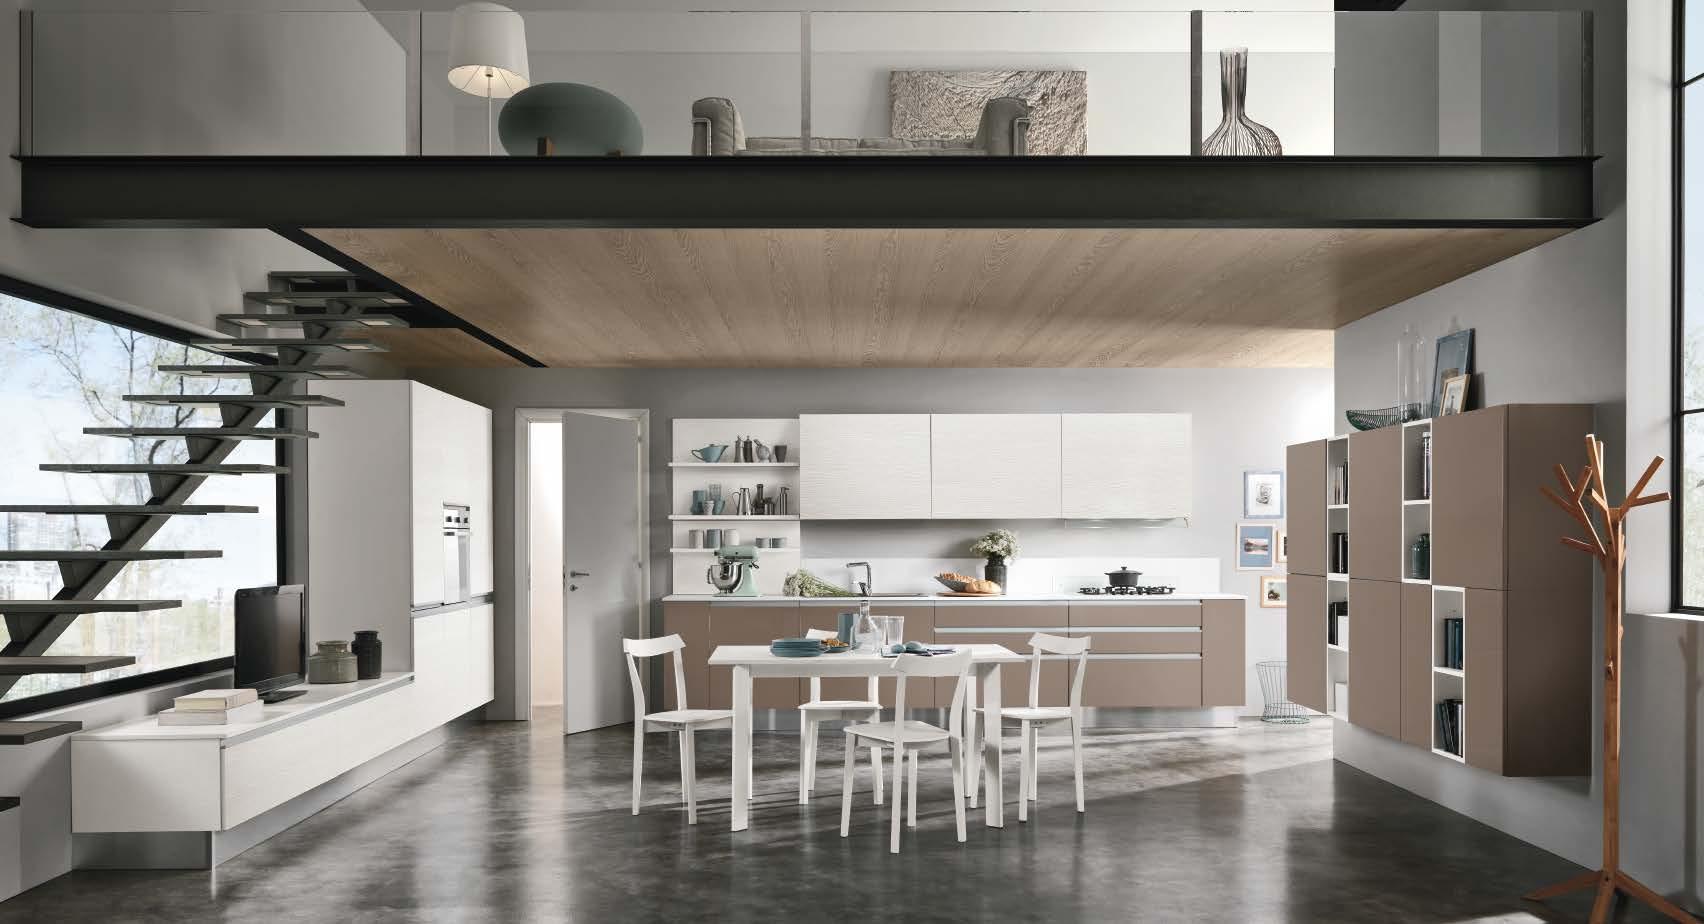 Linea κουζινα με ενσωματωμενη μεταλική λαβή σε καφε ματ λάκα και μελαμινη σε υφη ξυλου